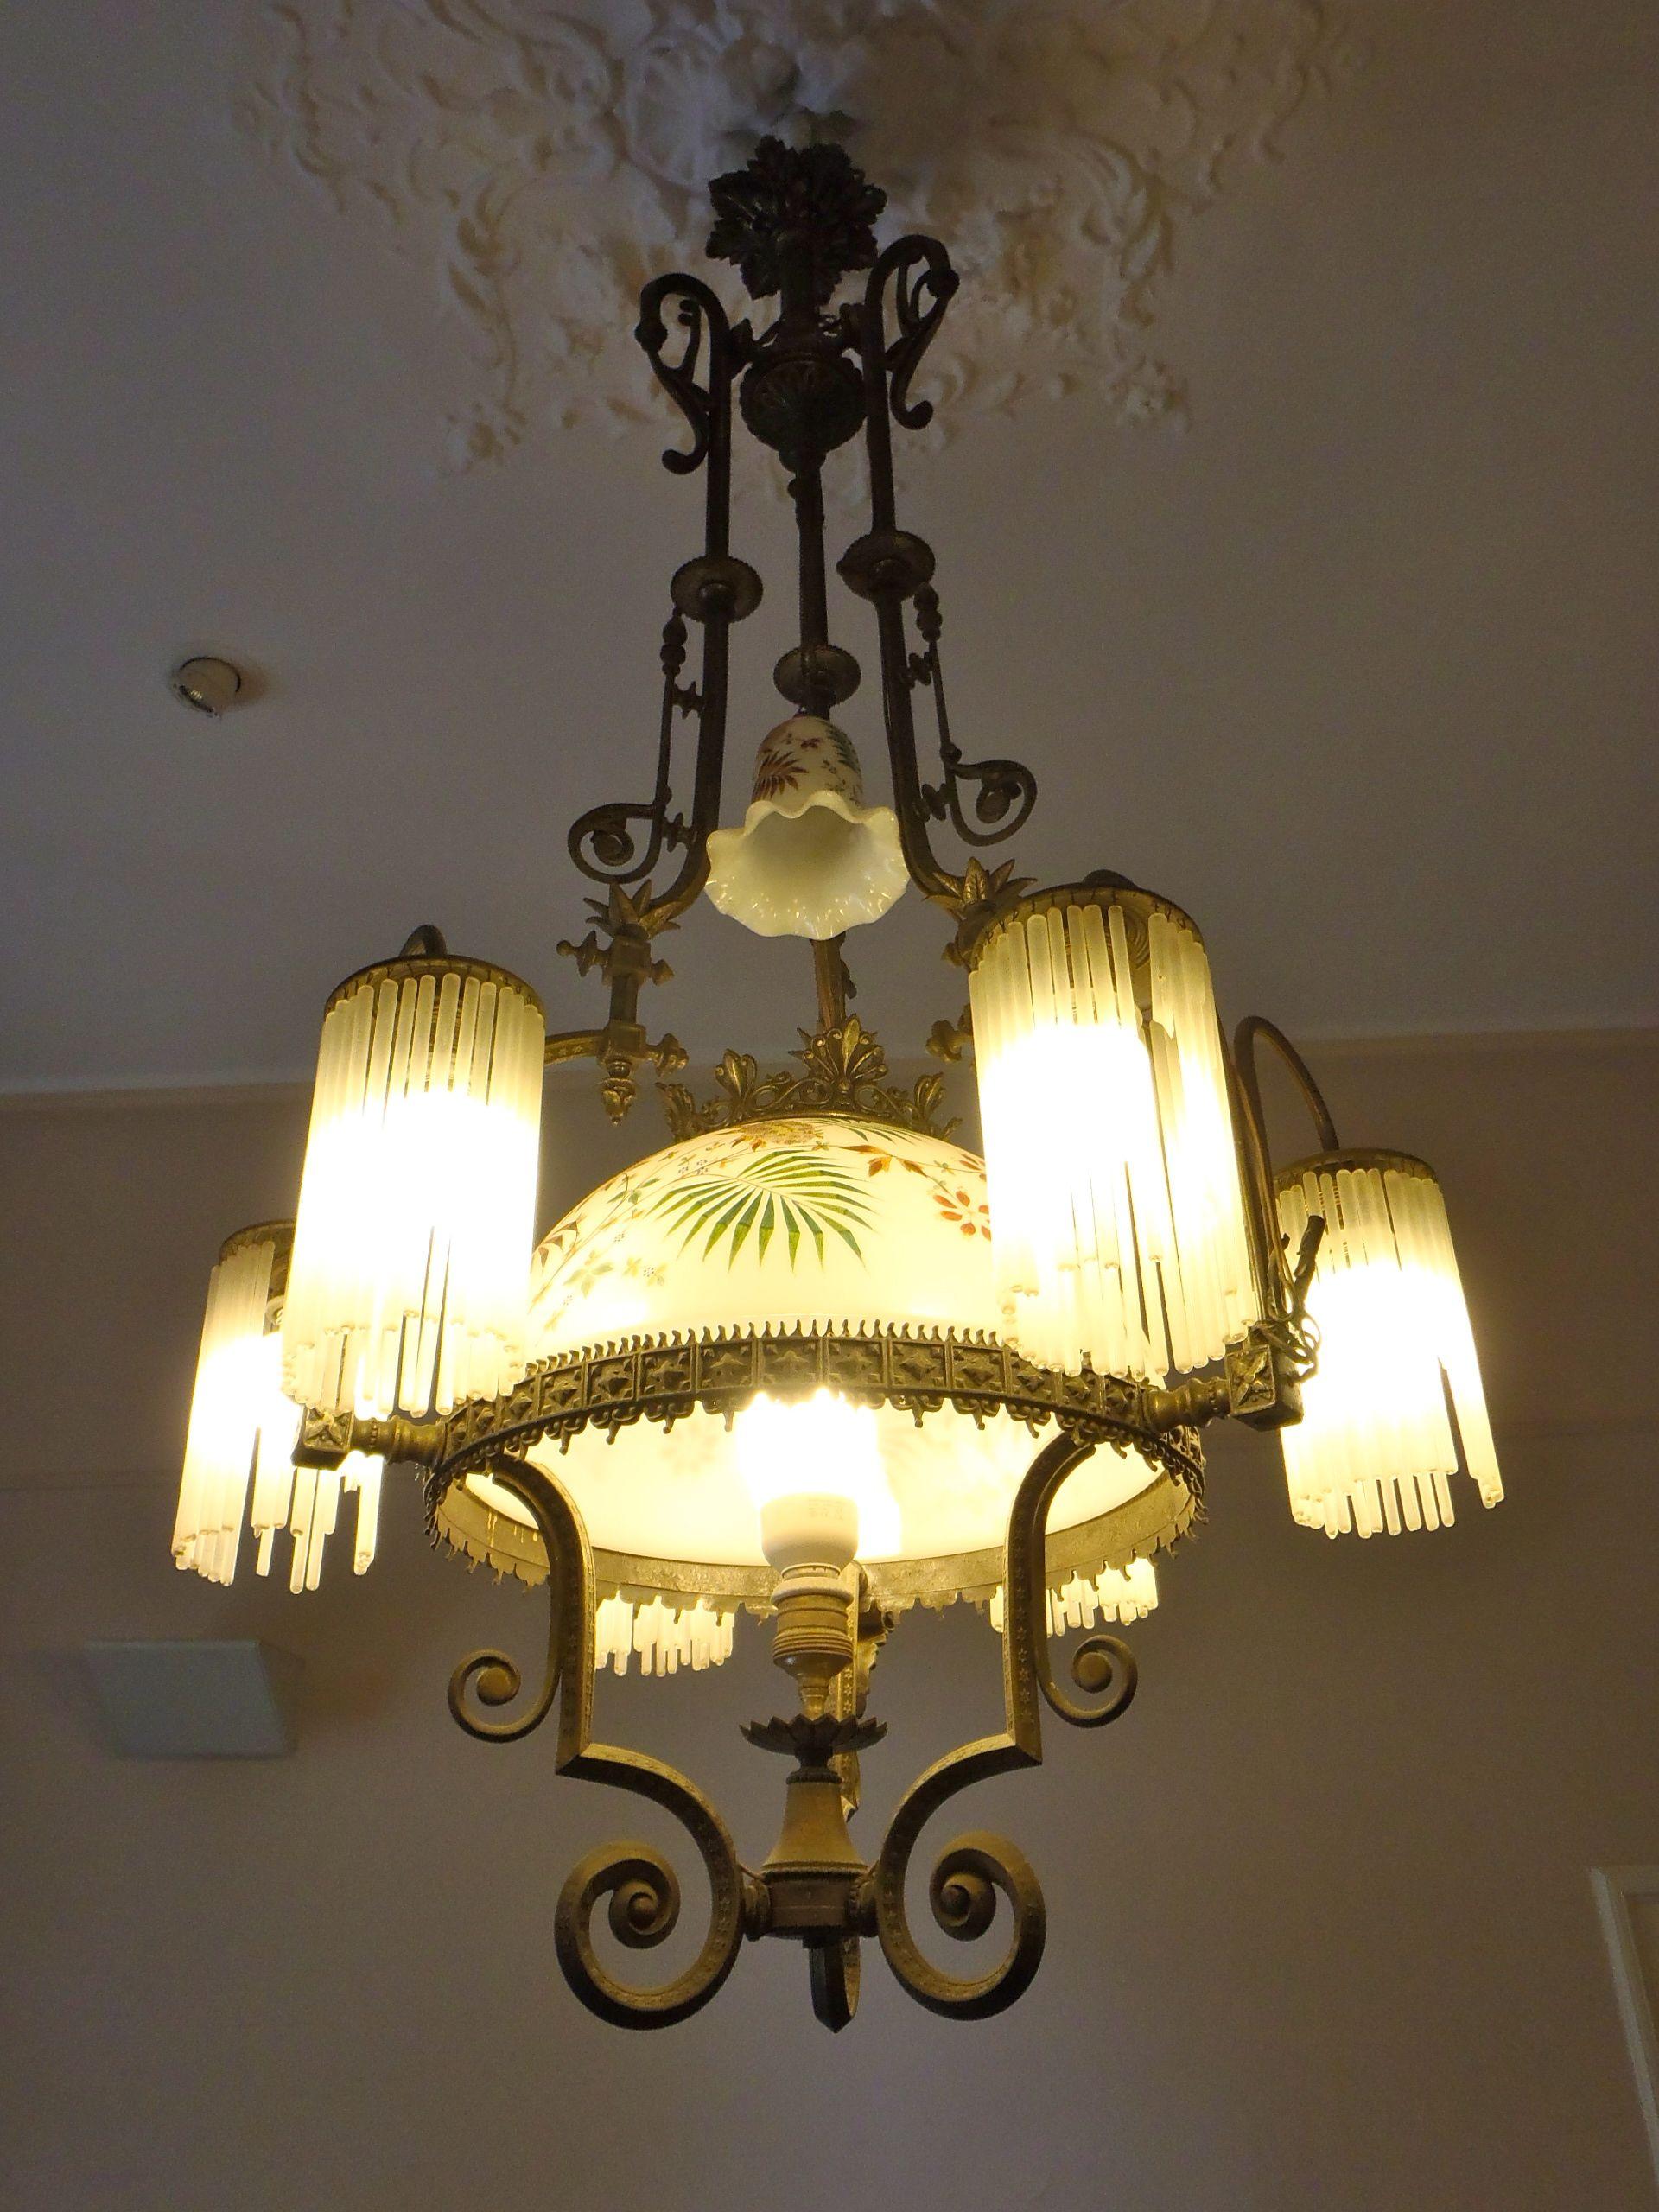 Lampara en la casa de antoni gaudi en el parque g ell barcelona antiques pinterest gaudi - La casa de las lamparas barcelona ...